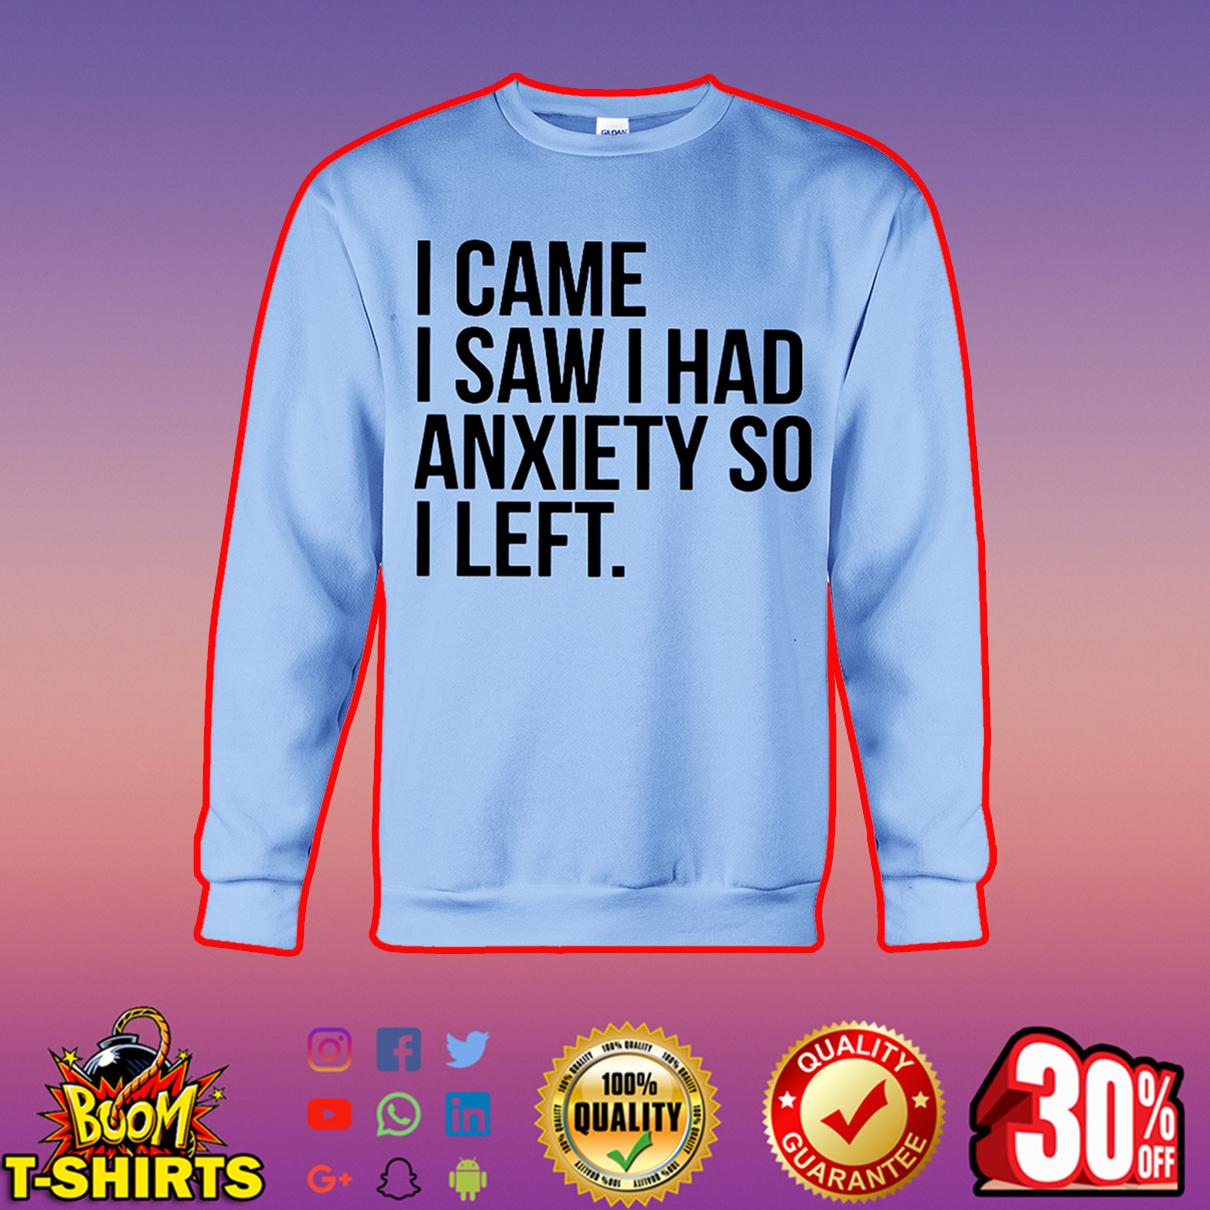 I came saw I had anxiety so I left sweatshirt